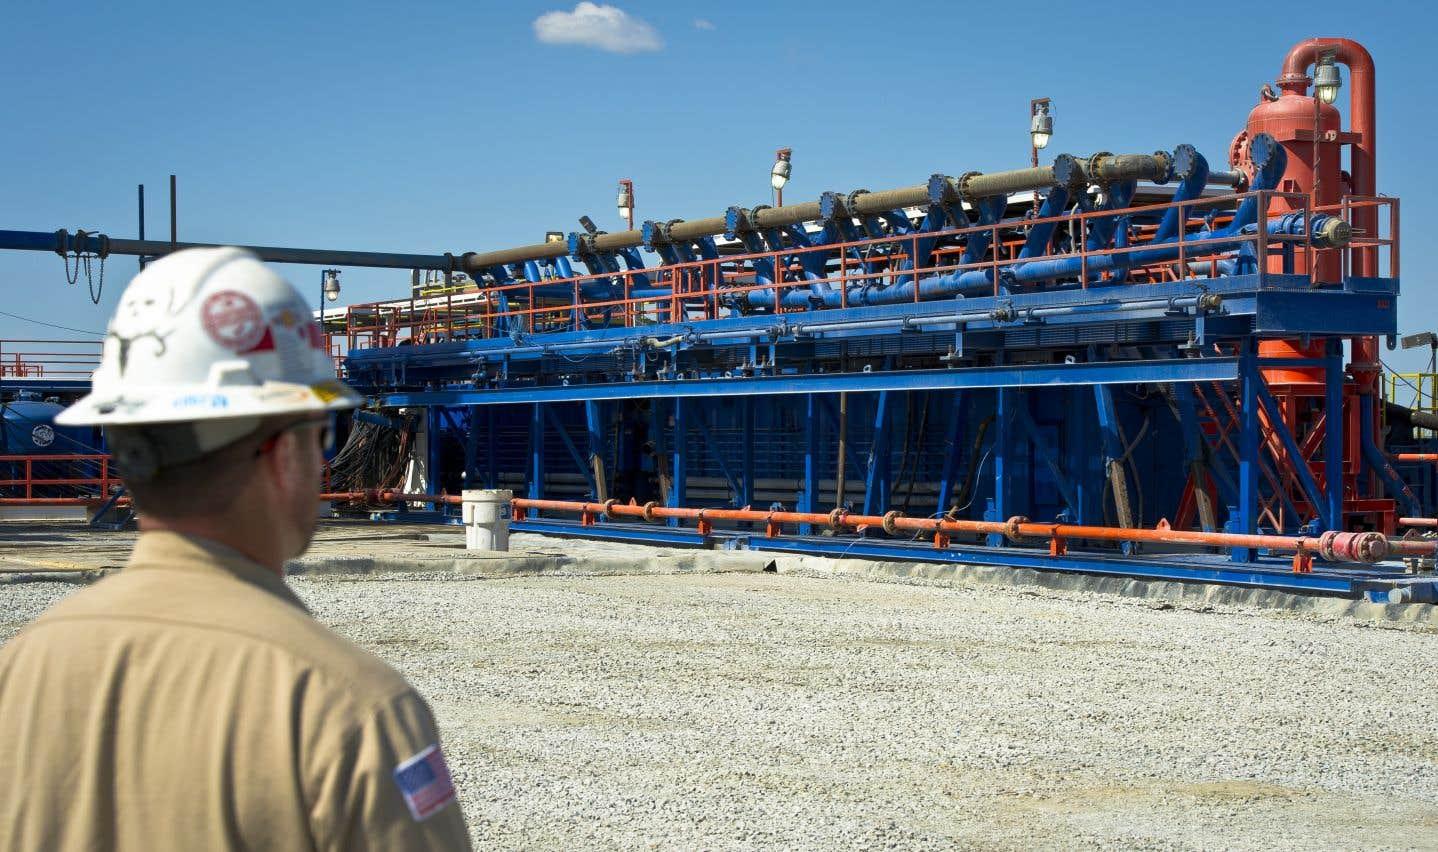 La stratégie des sociétés gazières et pétrolières: ne jamais exposer toutes les étapes qui conduisent à l'extraction non conventionnelle des hydrocarbures.